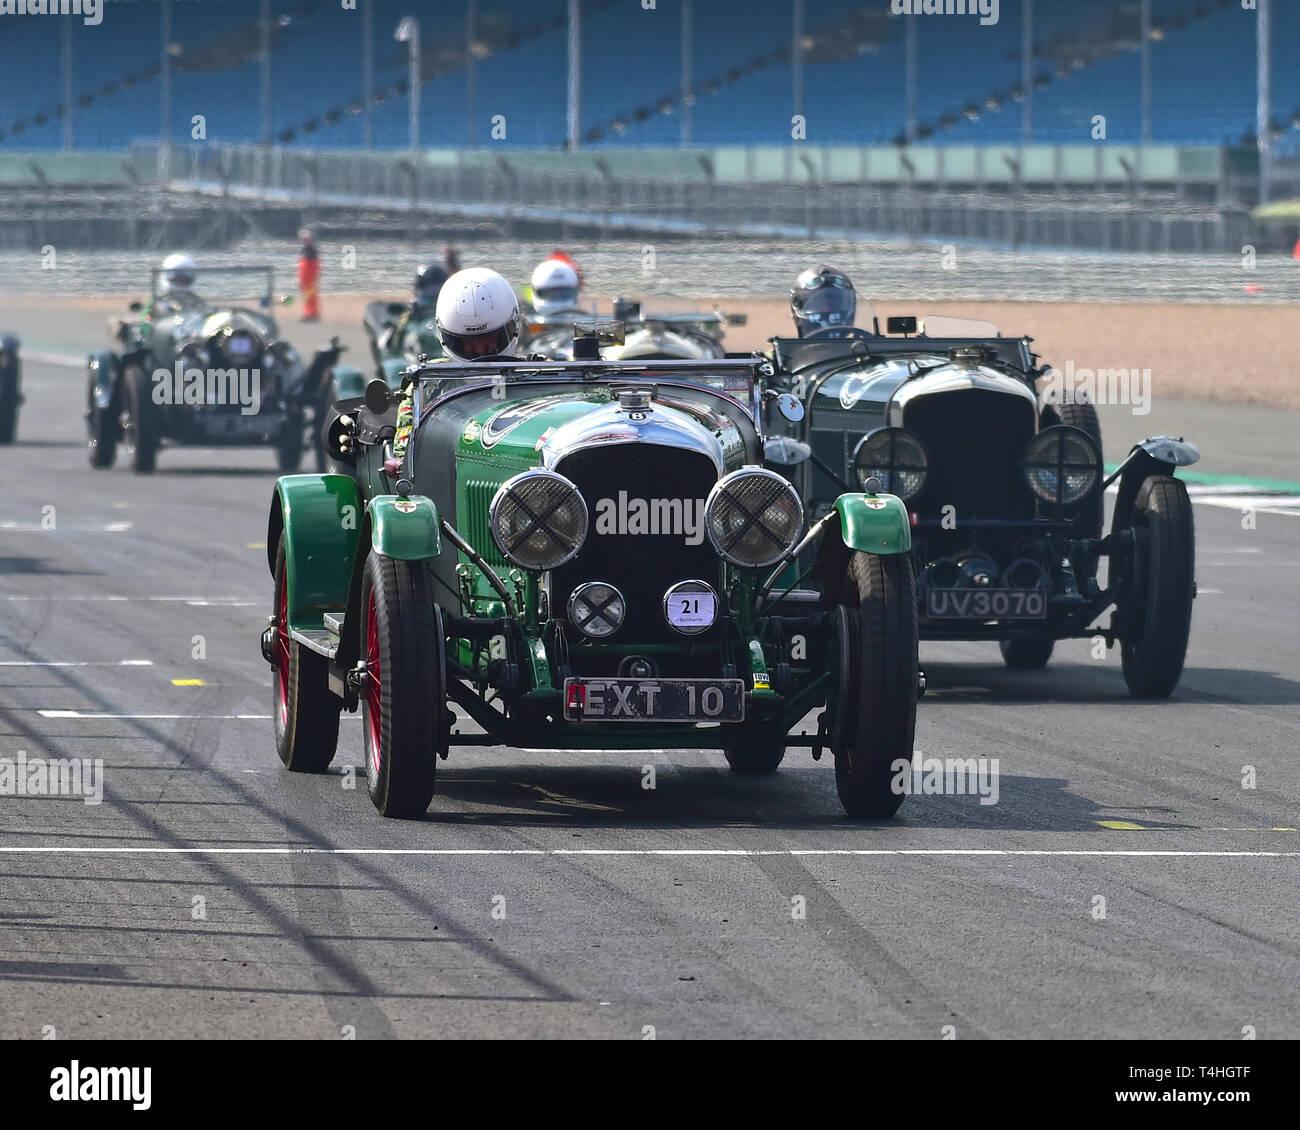 Nigel Batchelor, Will Batchelor, Bentley 4½ Litre VDP Tourer, Benjafield 100, 100 Years of Bentley, April 2019,  Silverstone, Northamptonshire, Englan - Stock Image